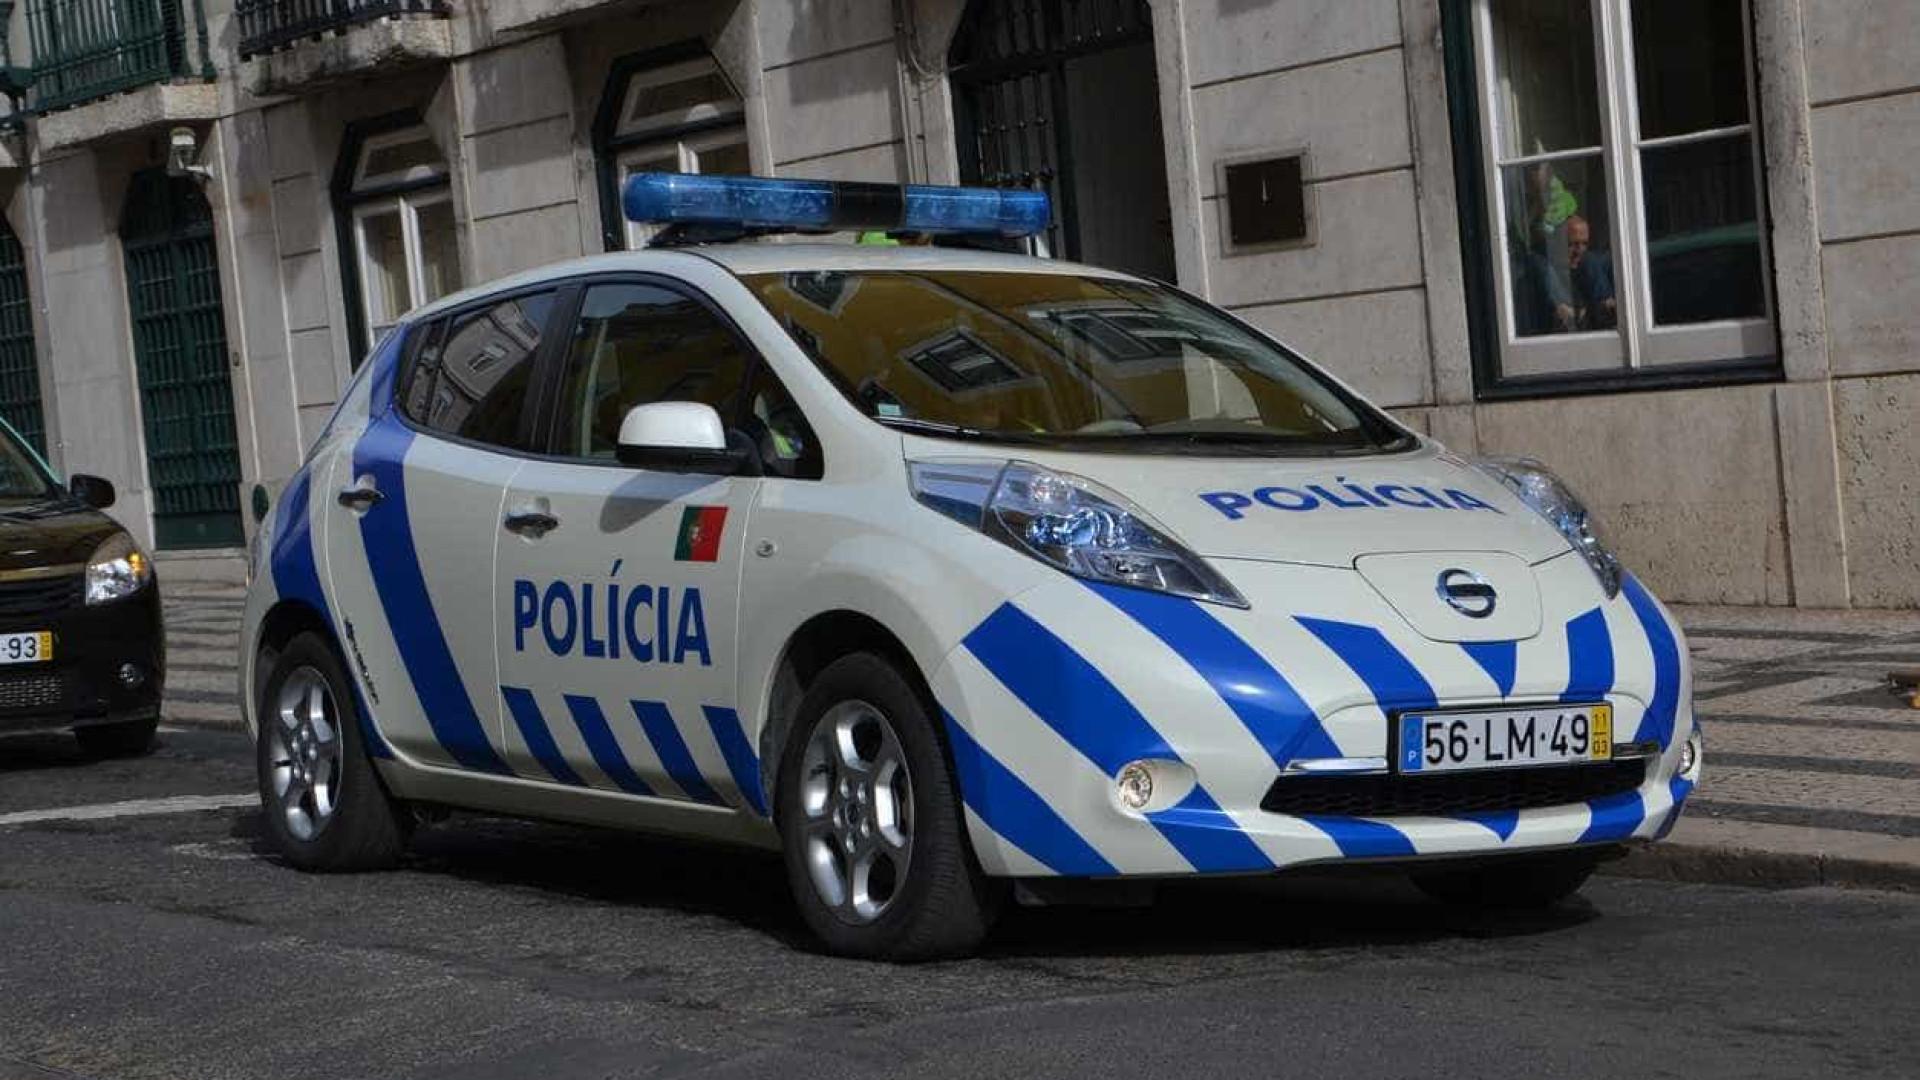 PSP deteve cinco suspeitos de tráfico de droga em Lamego